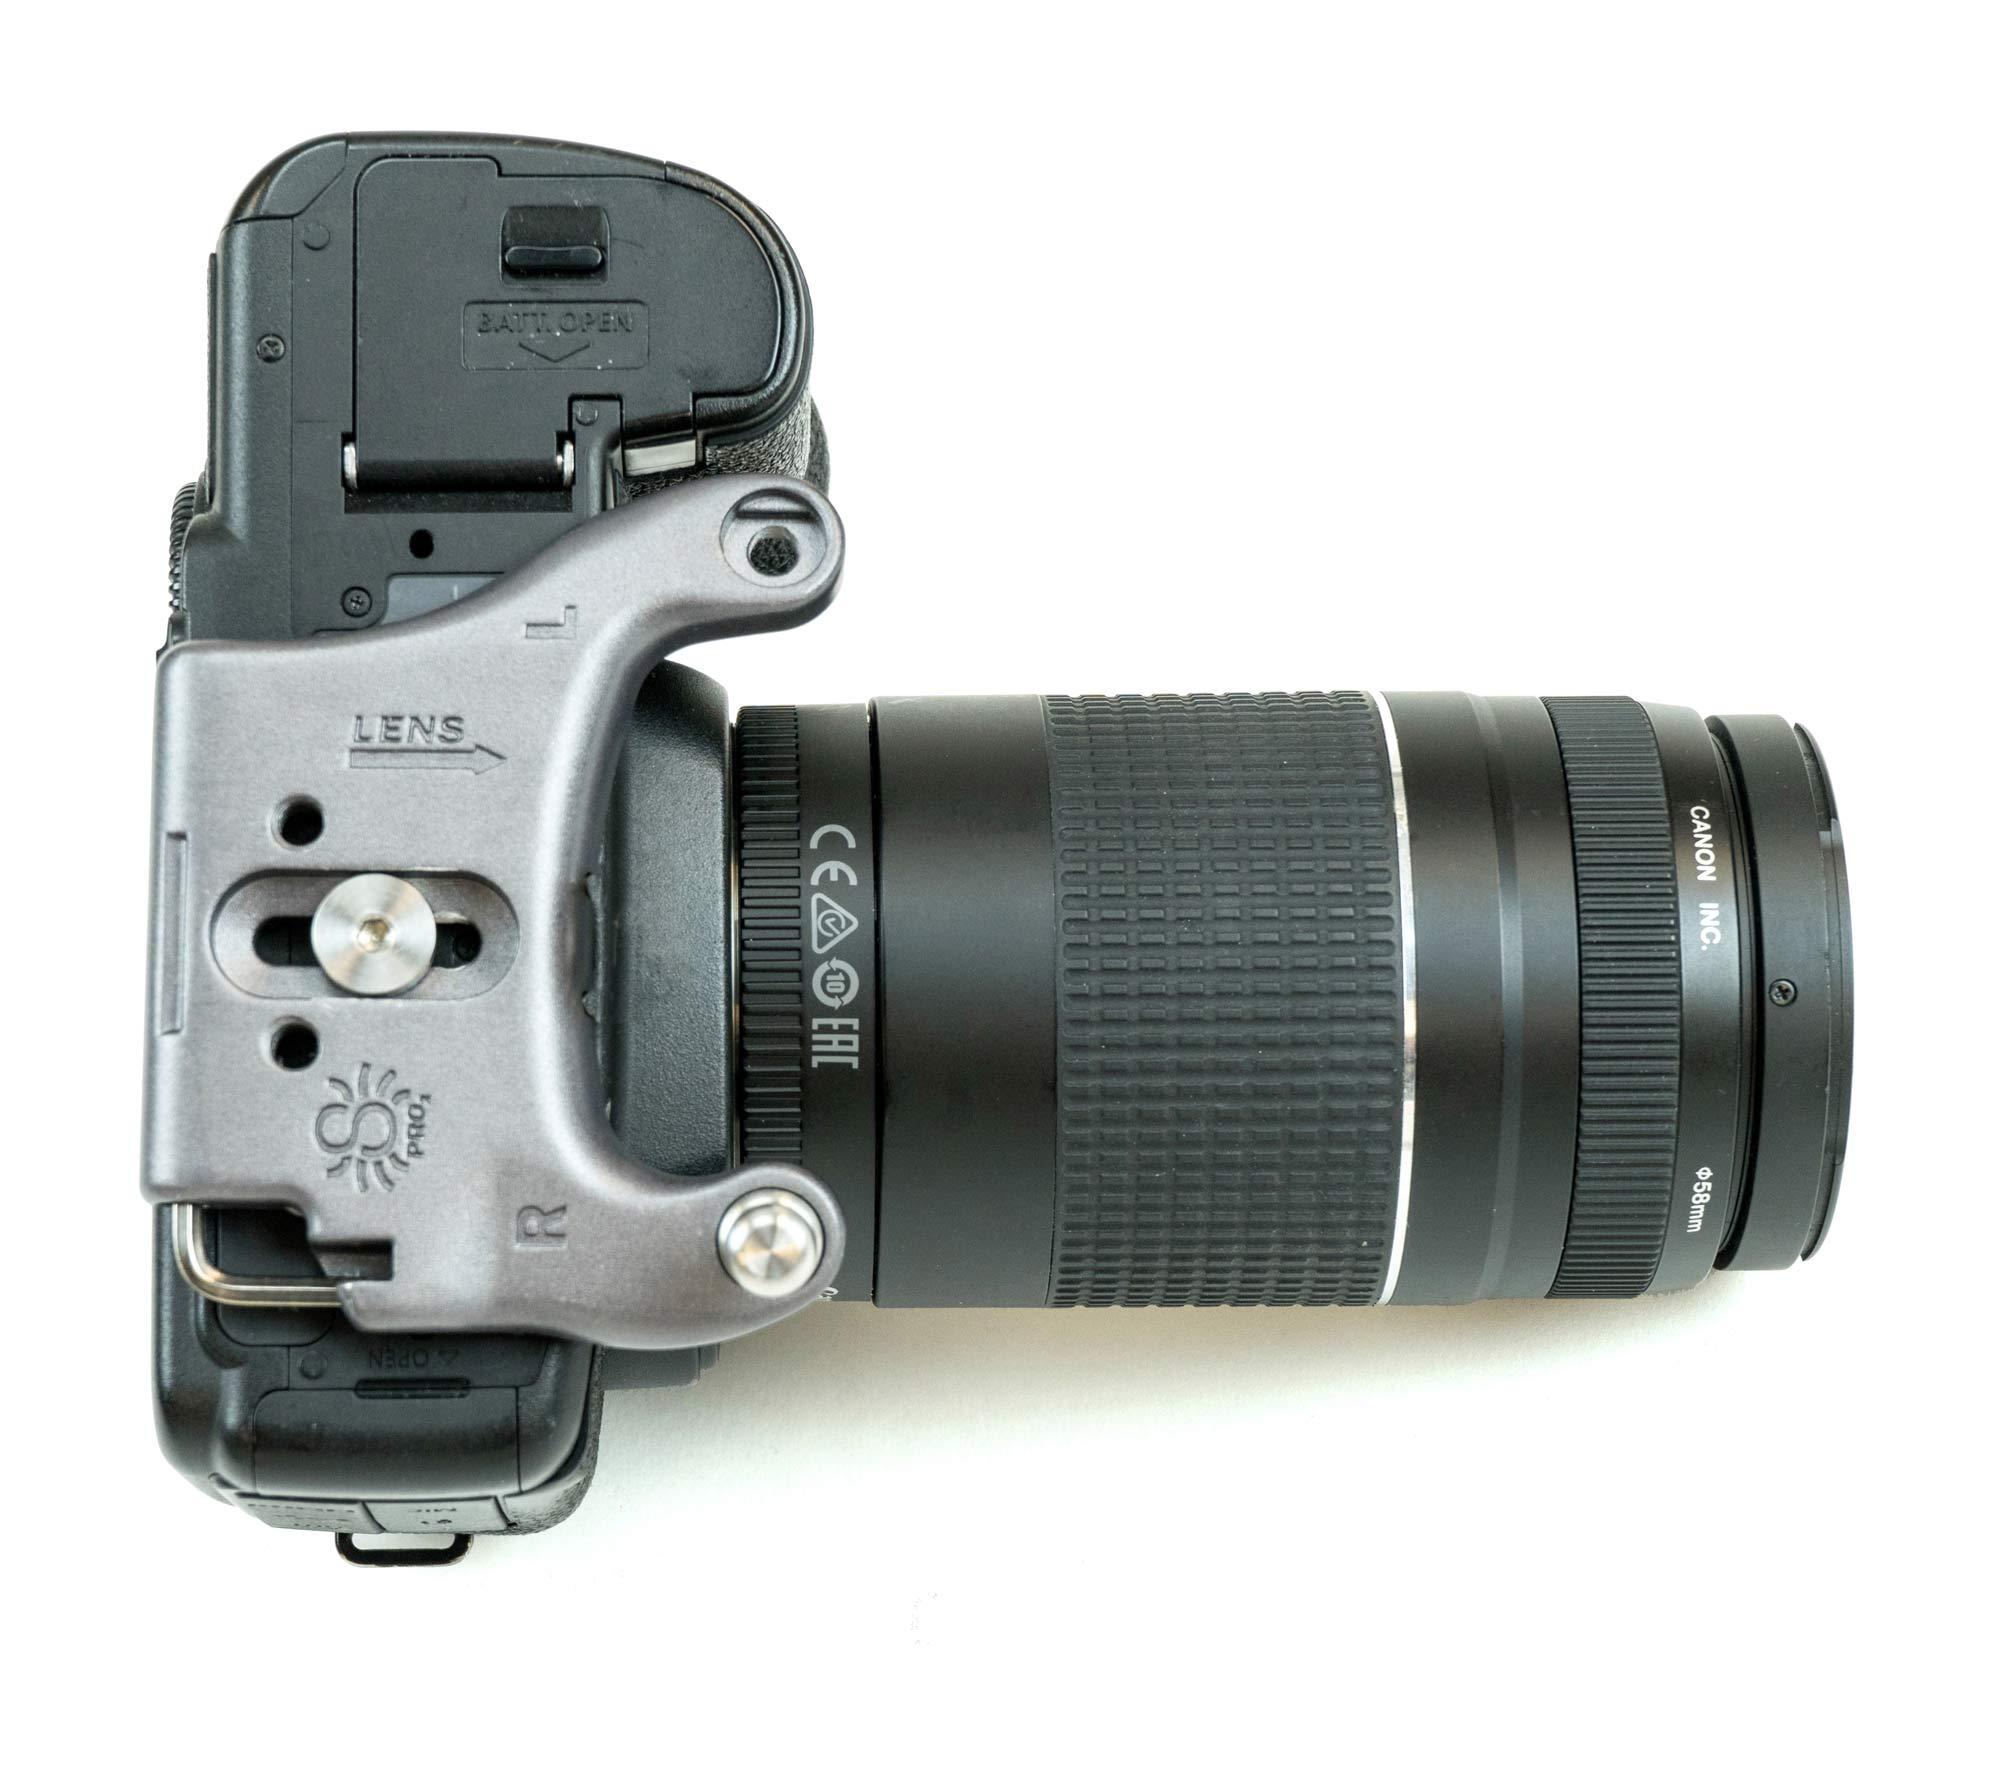 SPIDER PRO Kameraplatte v2 inkl. Pin